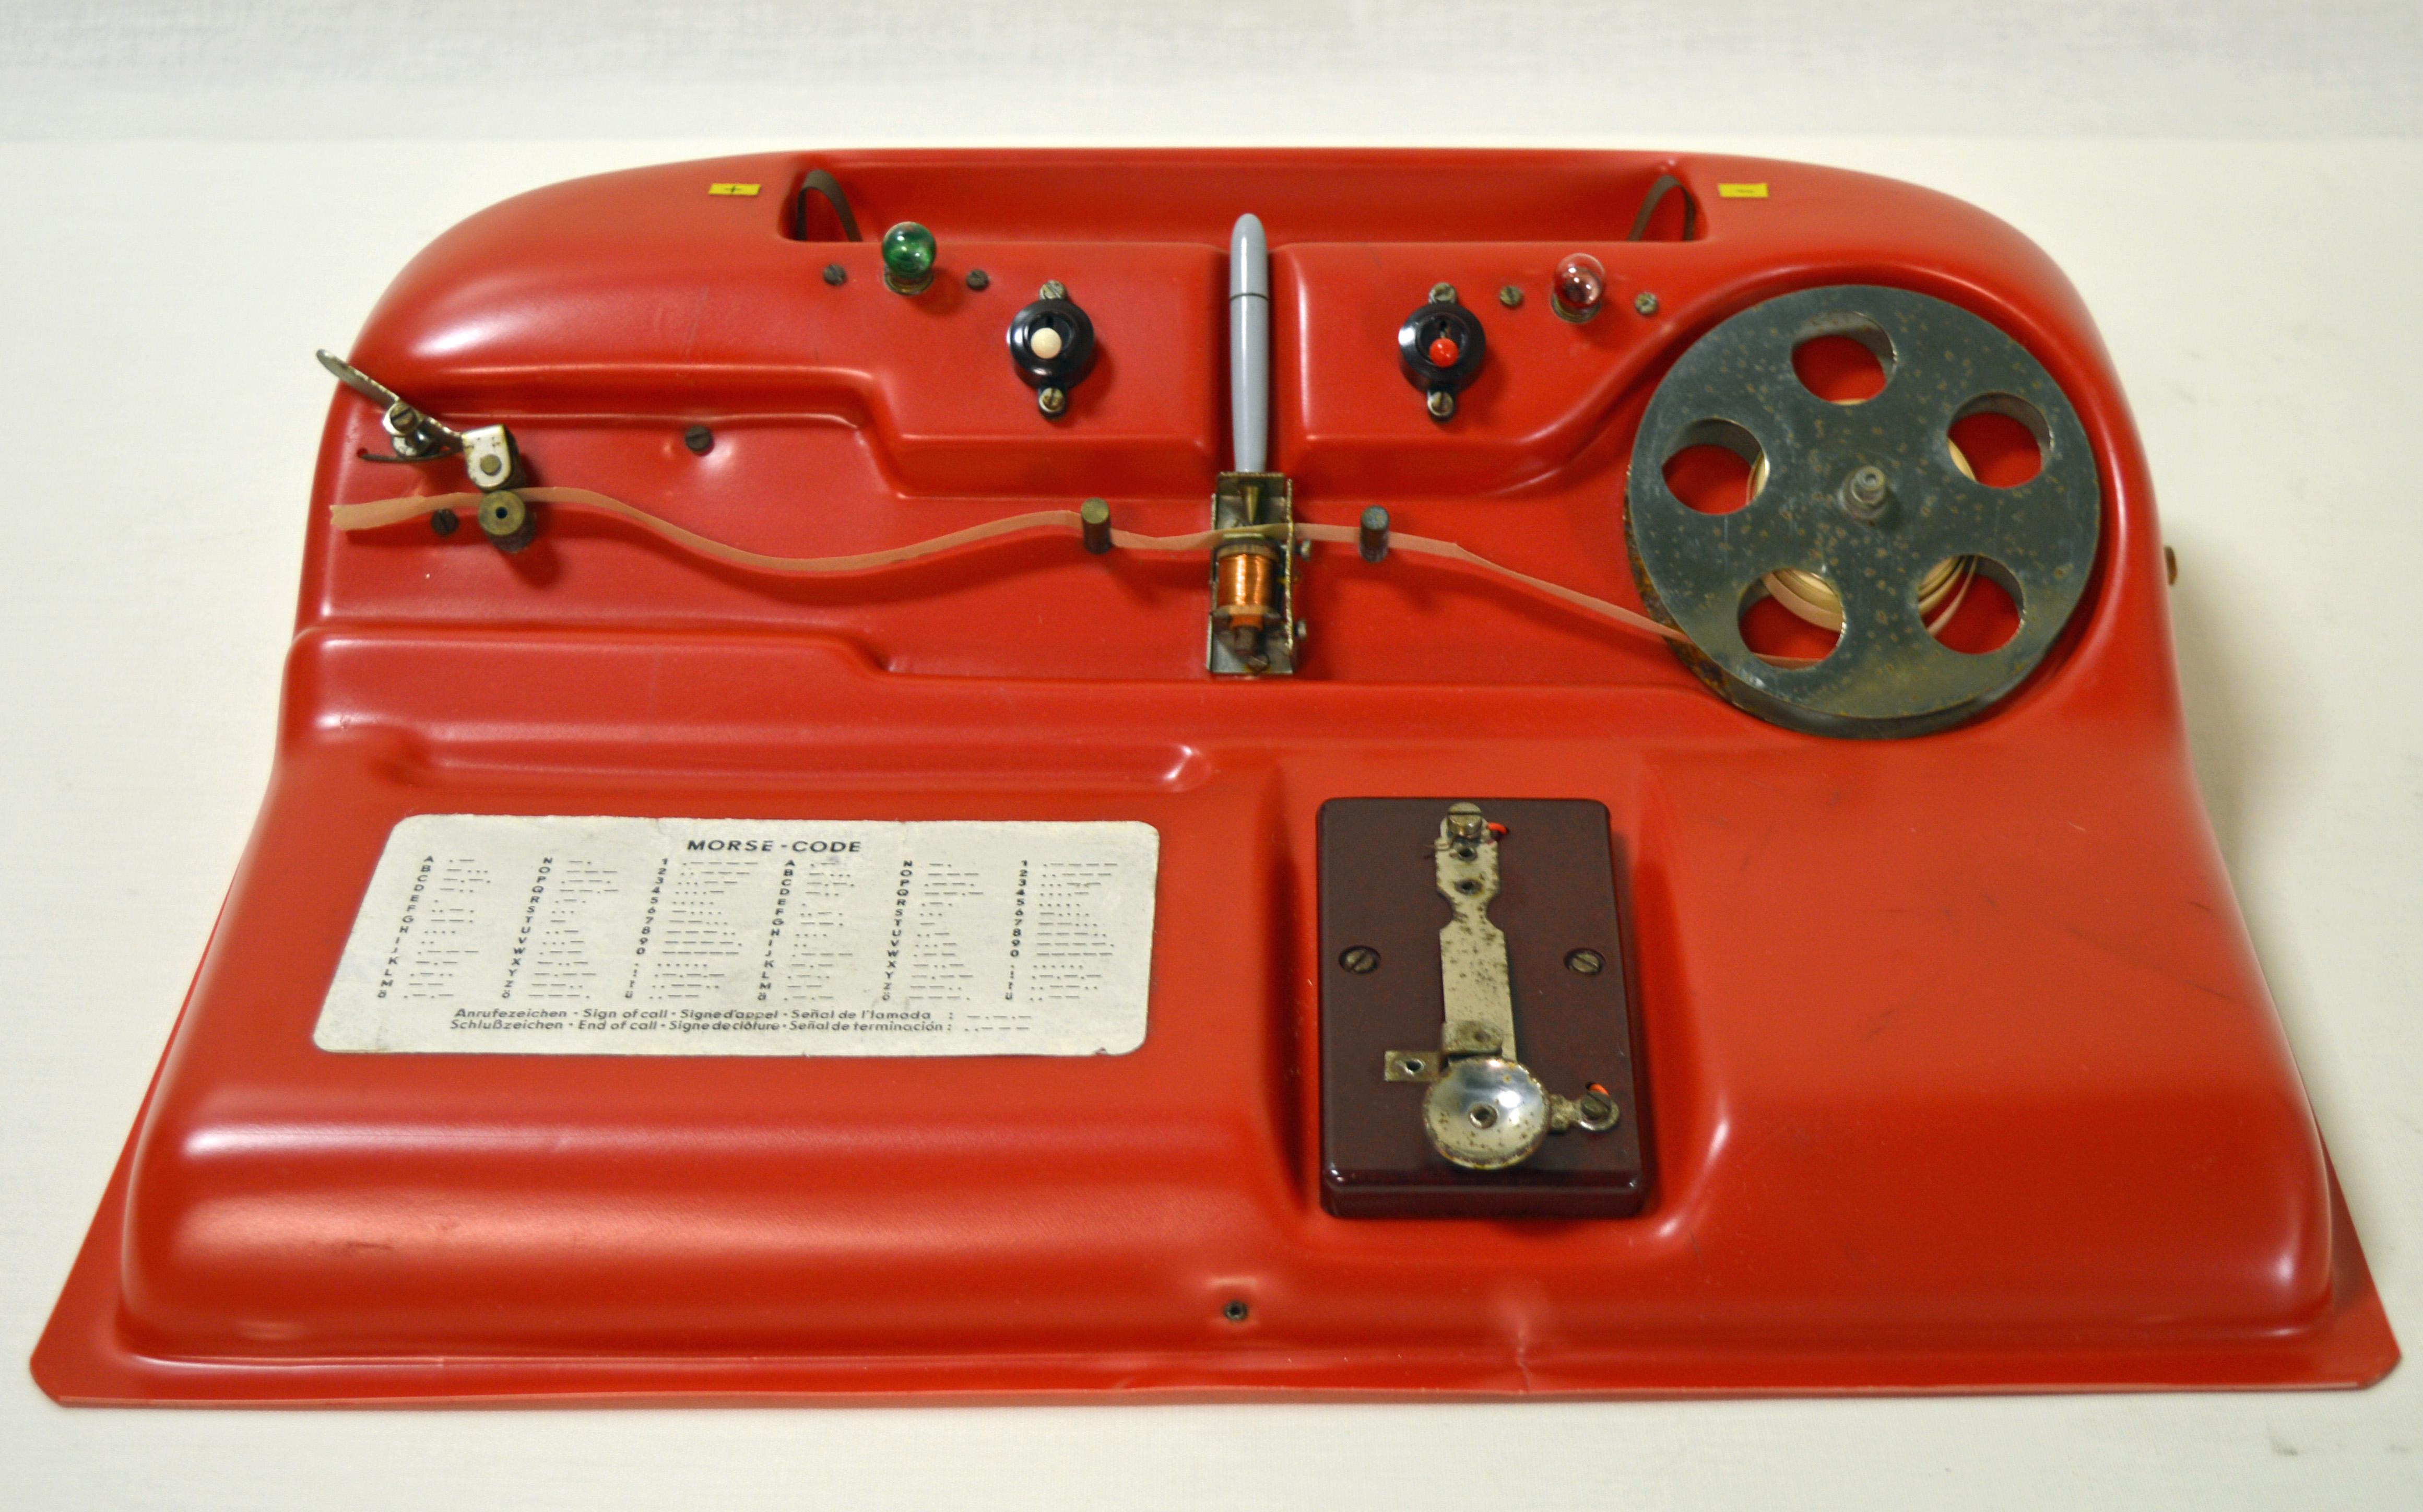 Kirkkaanpunainen sähkötysharjoittelulaite, jossa on erilaisia vipuja ja kiekkoja sähkötystä varten.